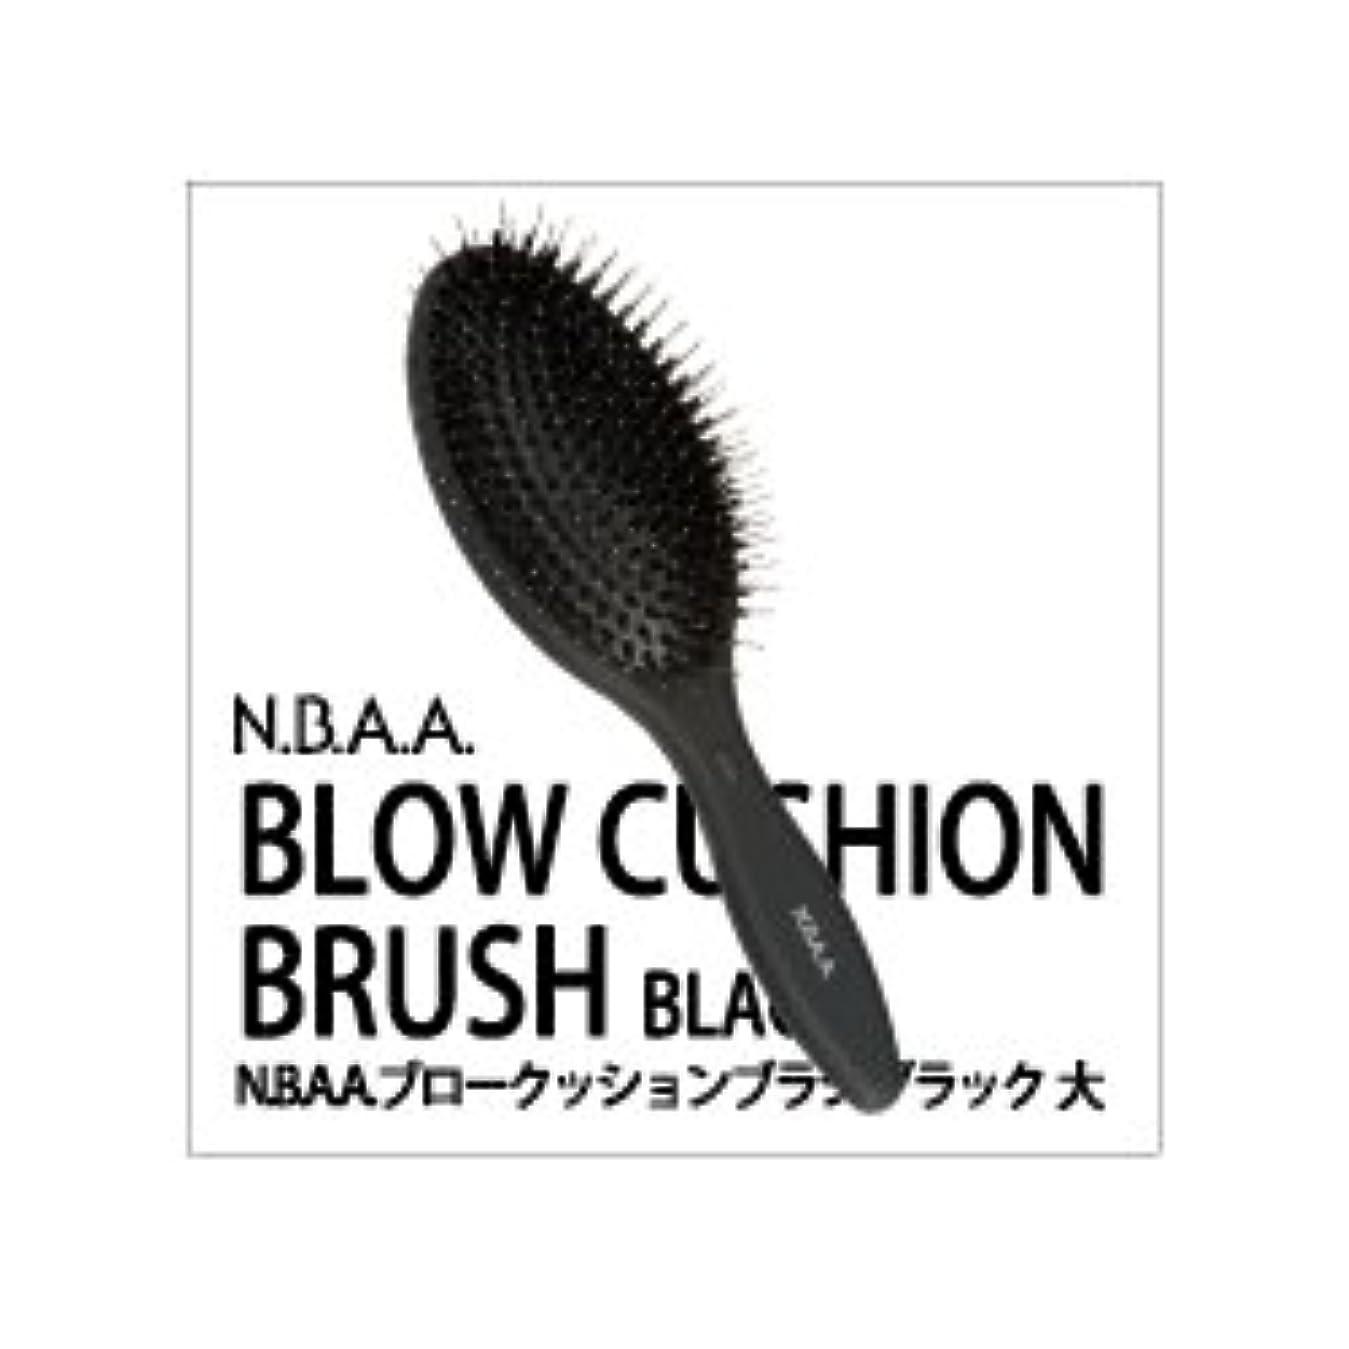 私たちのものユーザー水曜日NBAA(エヌビーエーエー) ブロークッションブラシブラック 大 【NB-BC4】